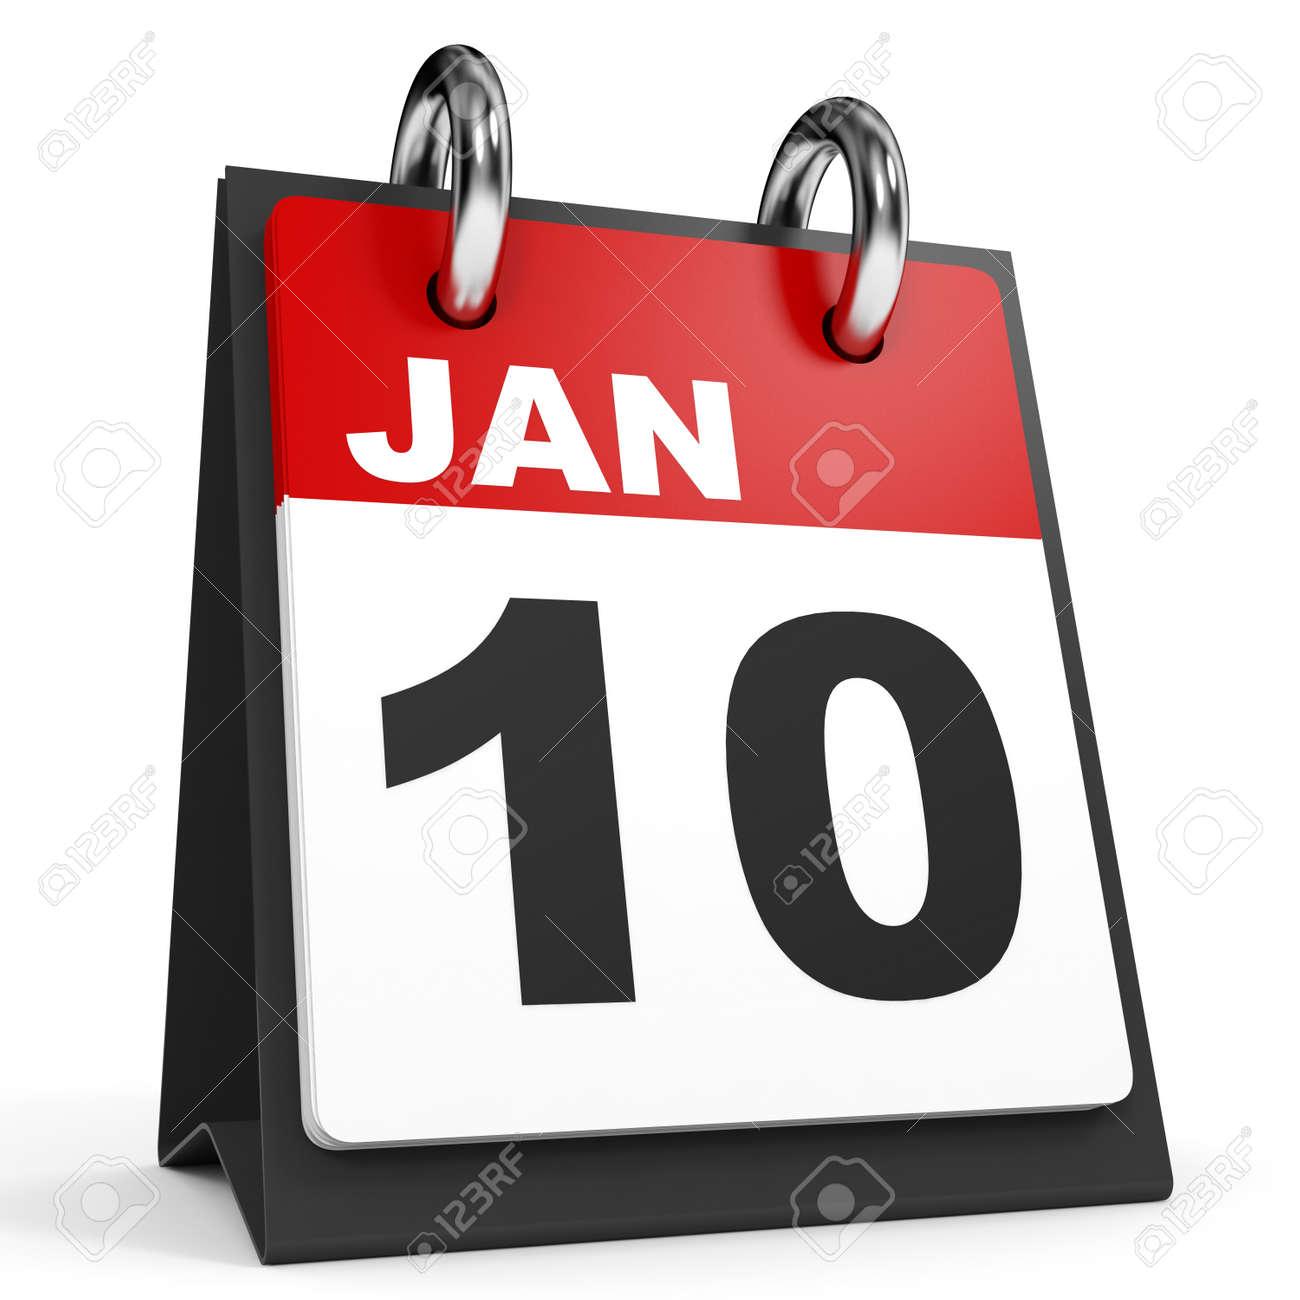 1 月 10 日 白い背景のカレンダーです 3 D イラスト の写真素材 画像素材 Image